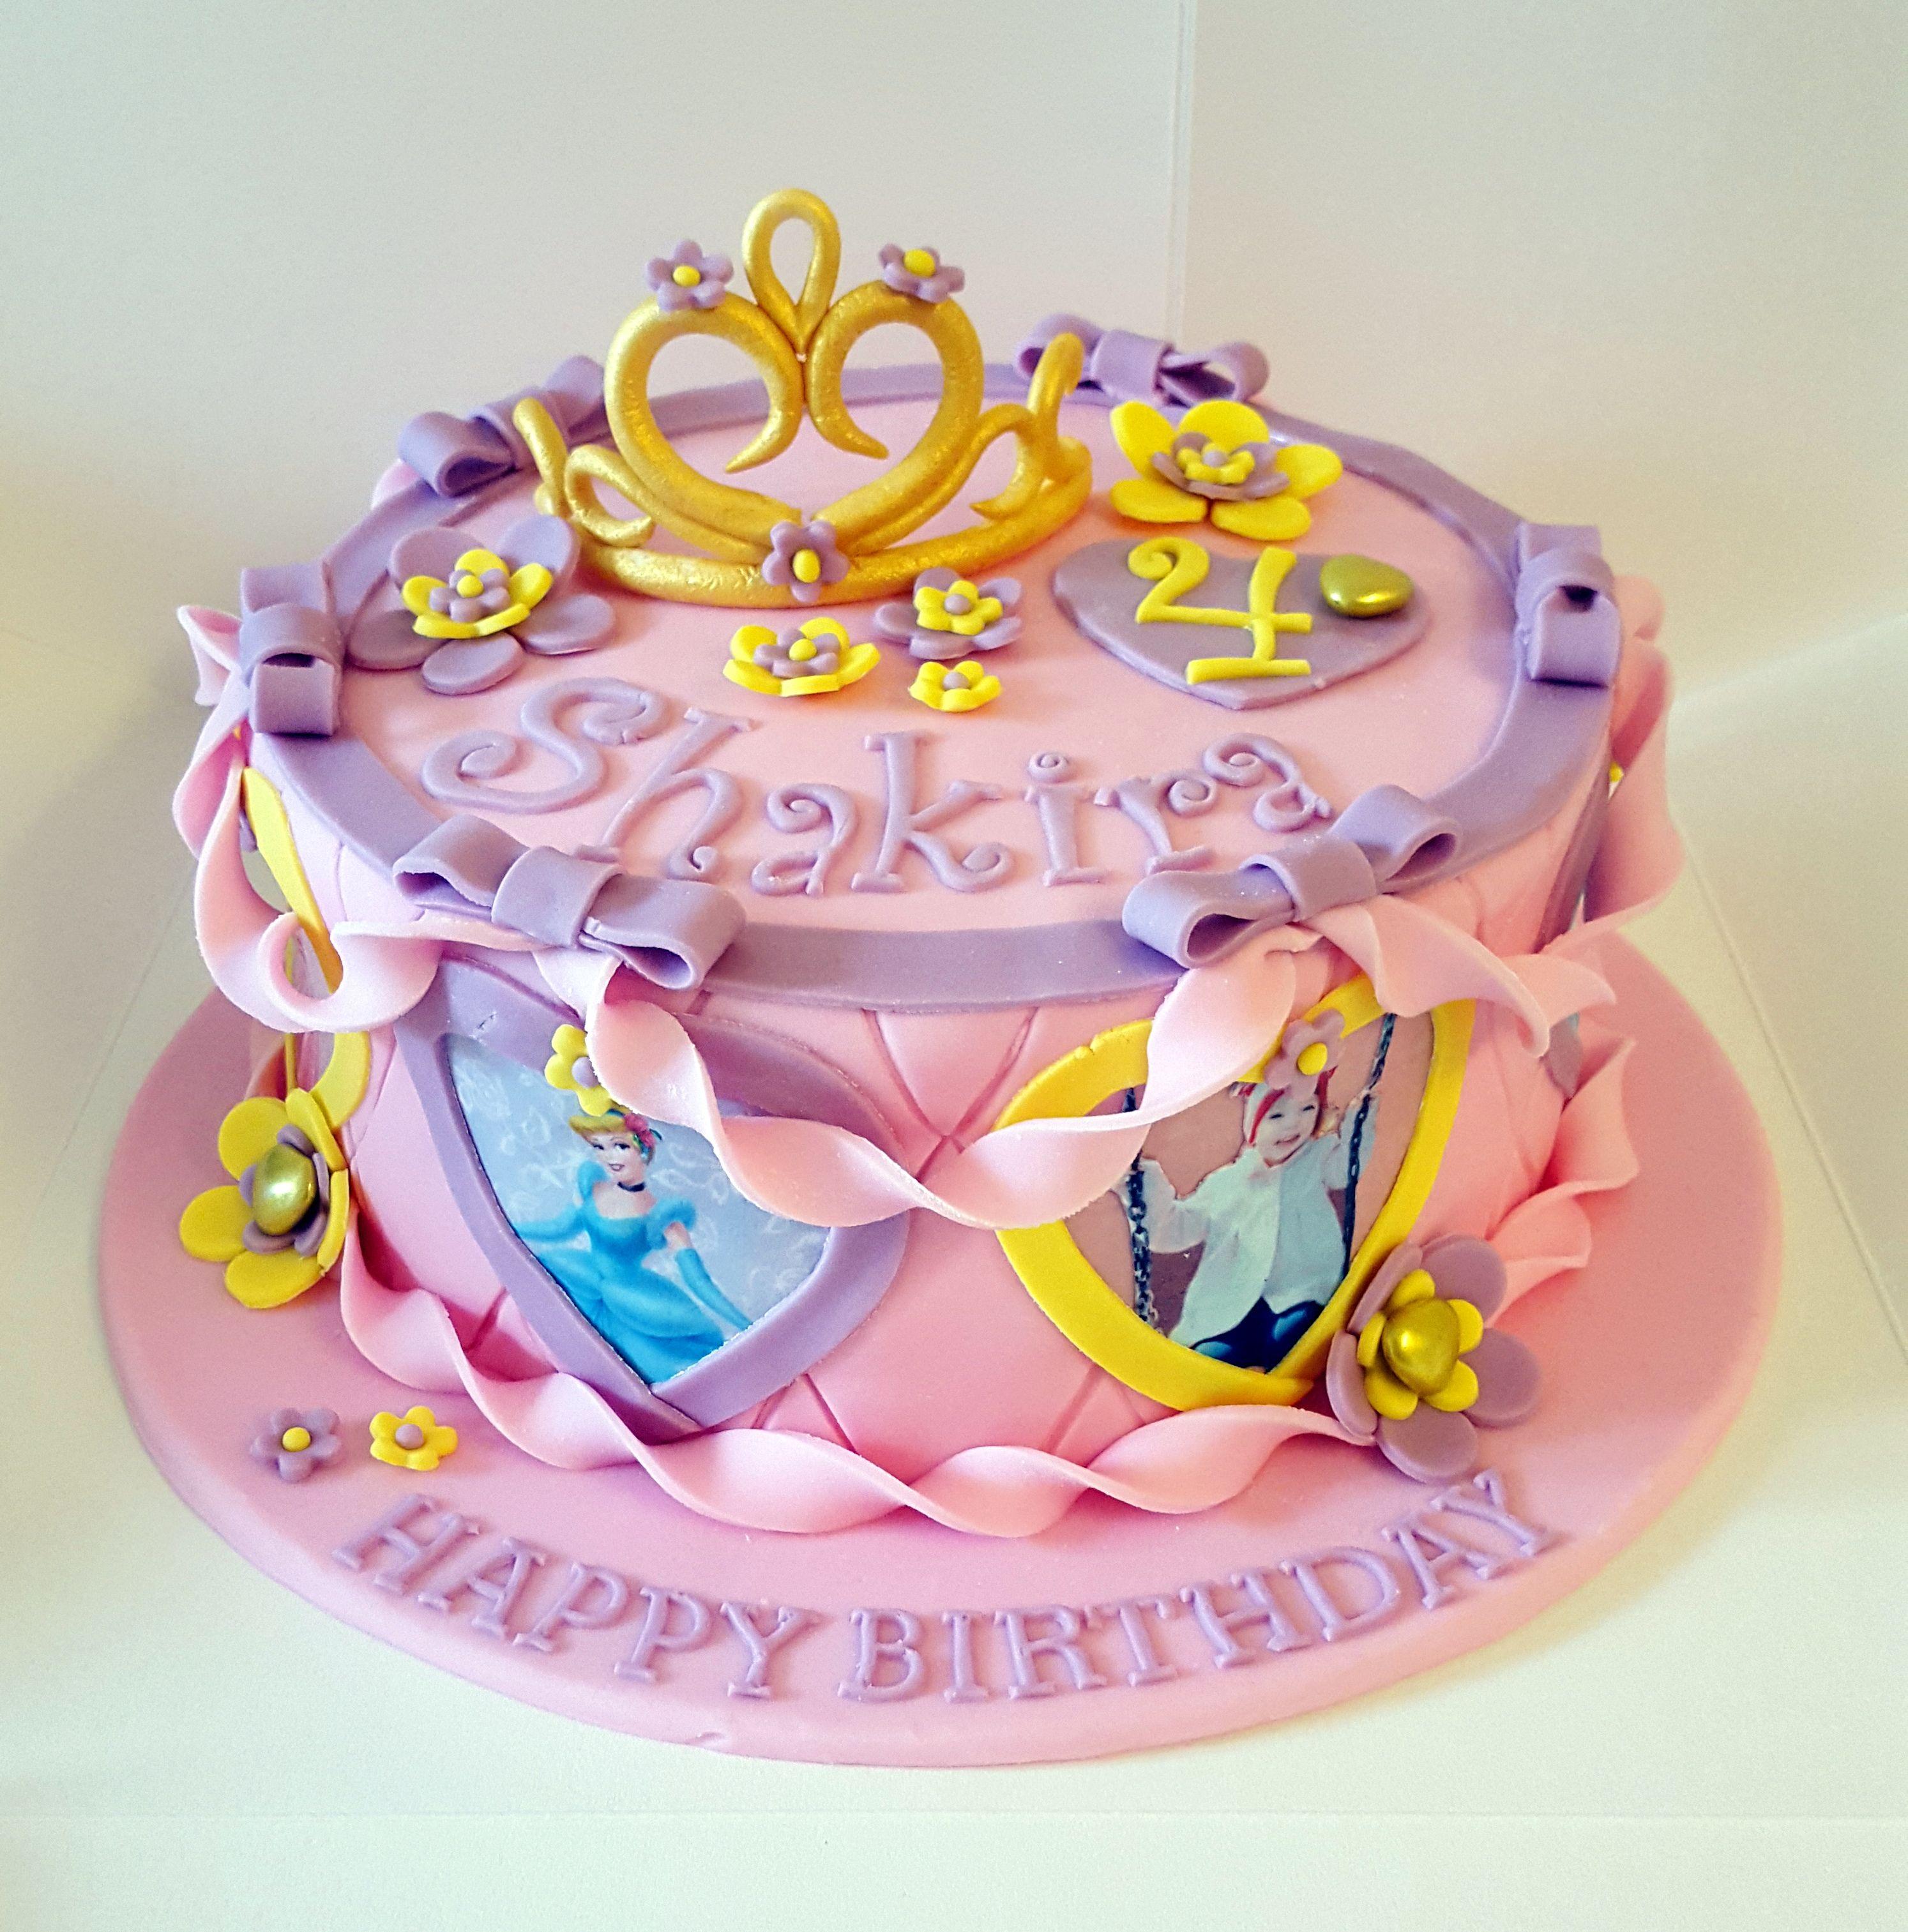 Disney Princess Birthday Cakes, Cake And